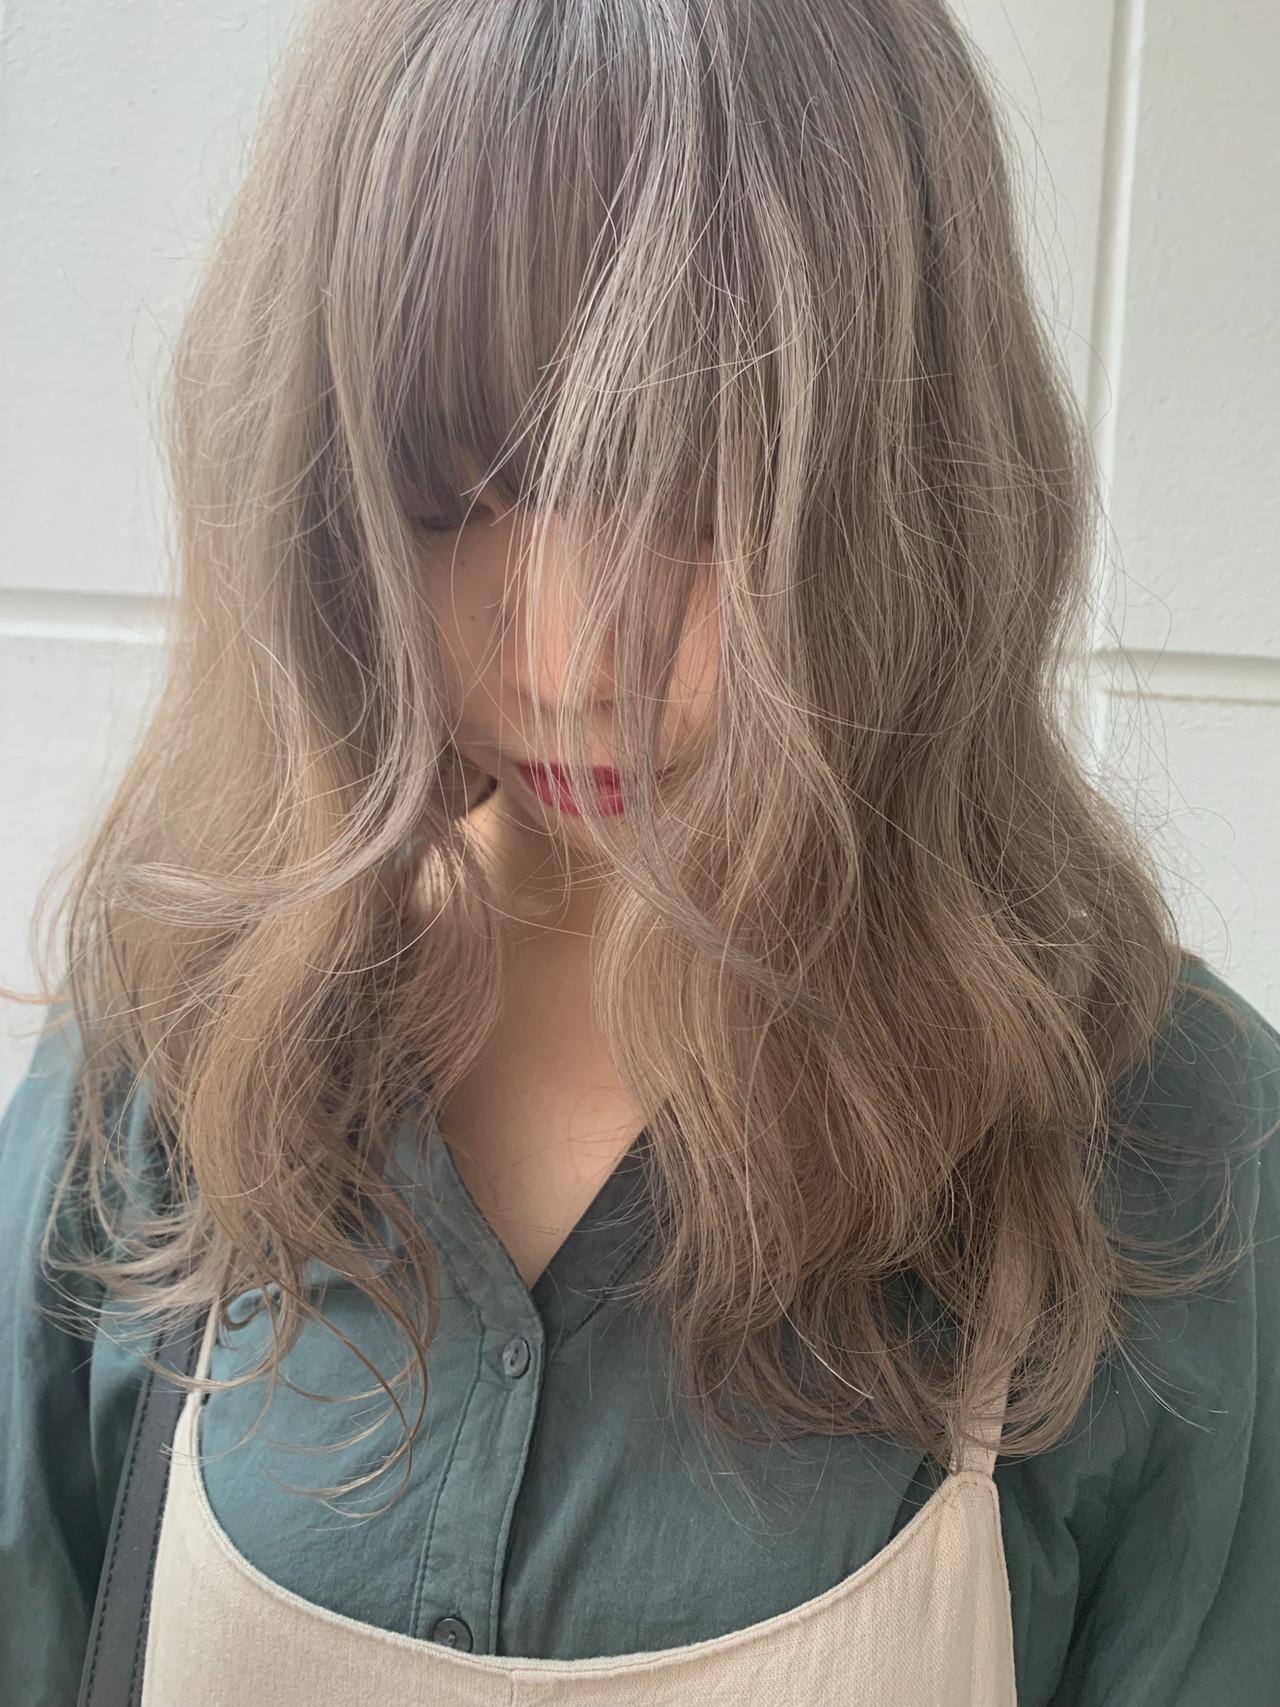 ミルクティーベージュ ミディアム シアーベージュ ブラウンベージュ ヘアスタイルや髪型の写真・画像 | 寺坂 雄飛 / banks hair